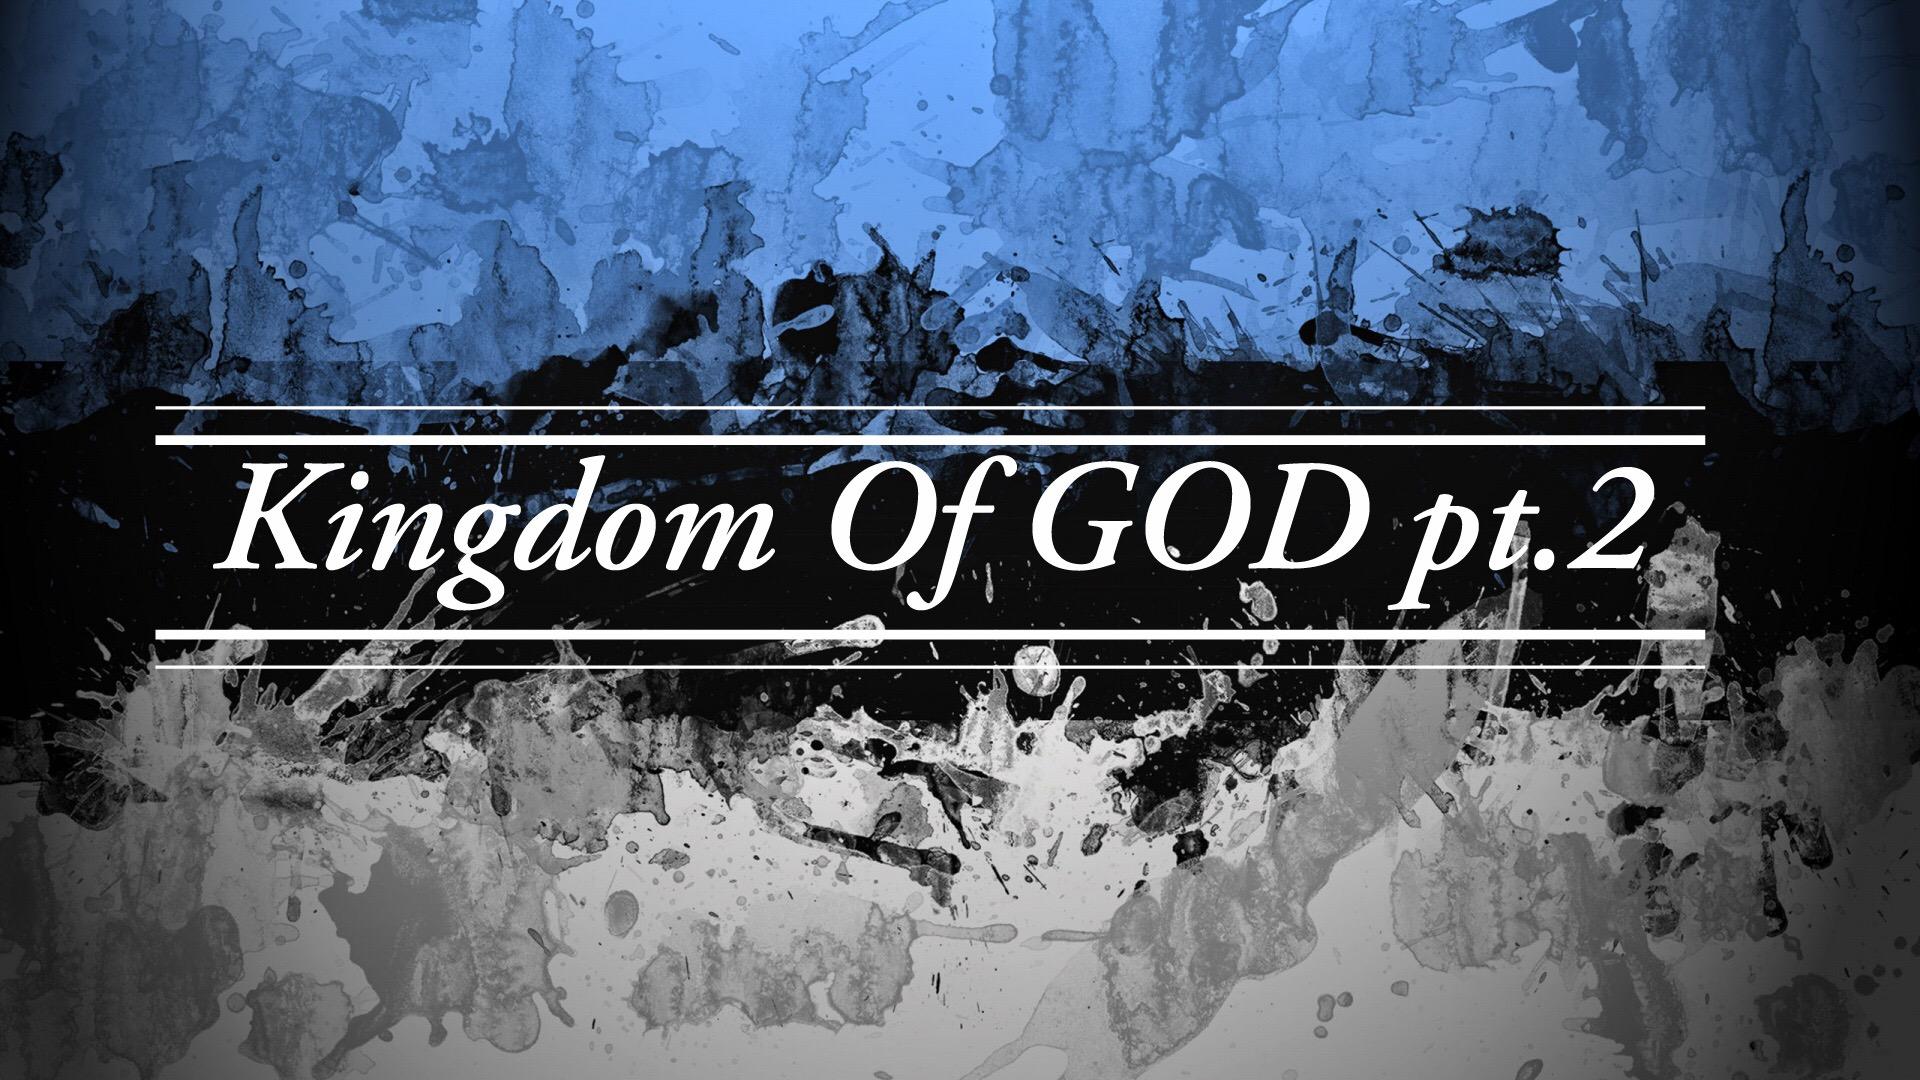 Kingdom Of GOD pt. 2